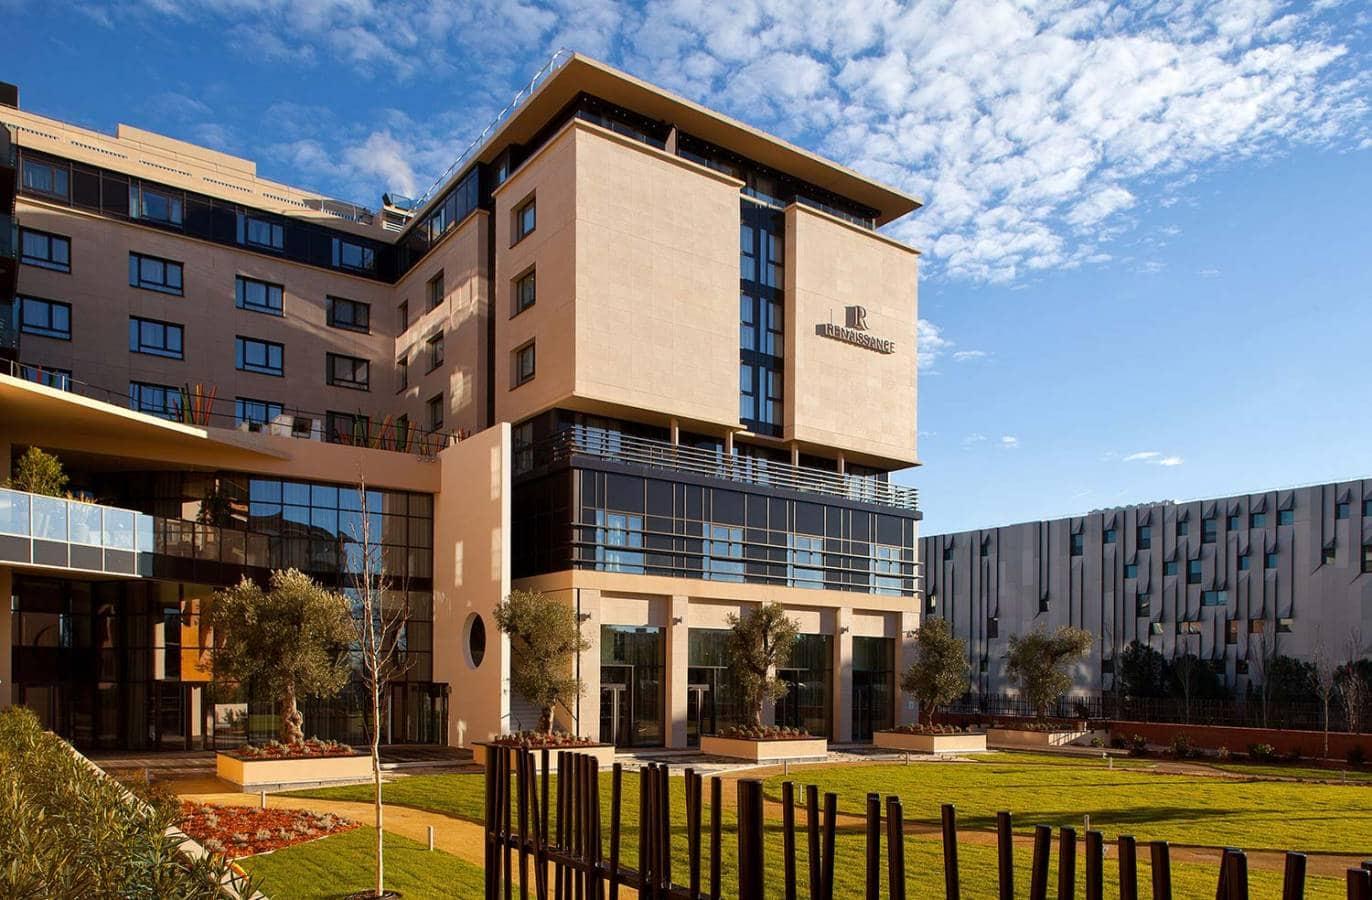 H tel renaissance aix en provence for Hotel design provence